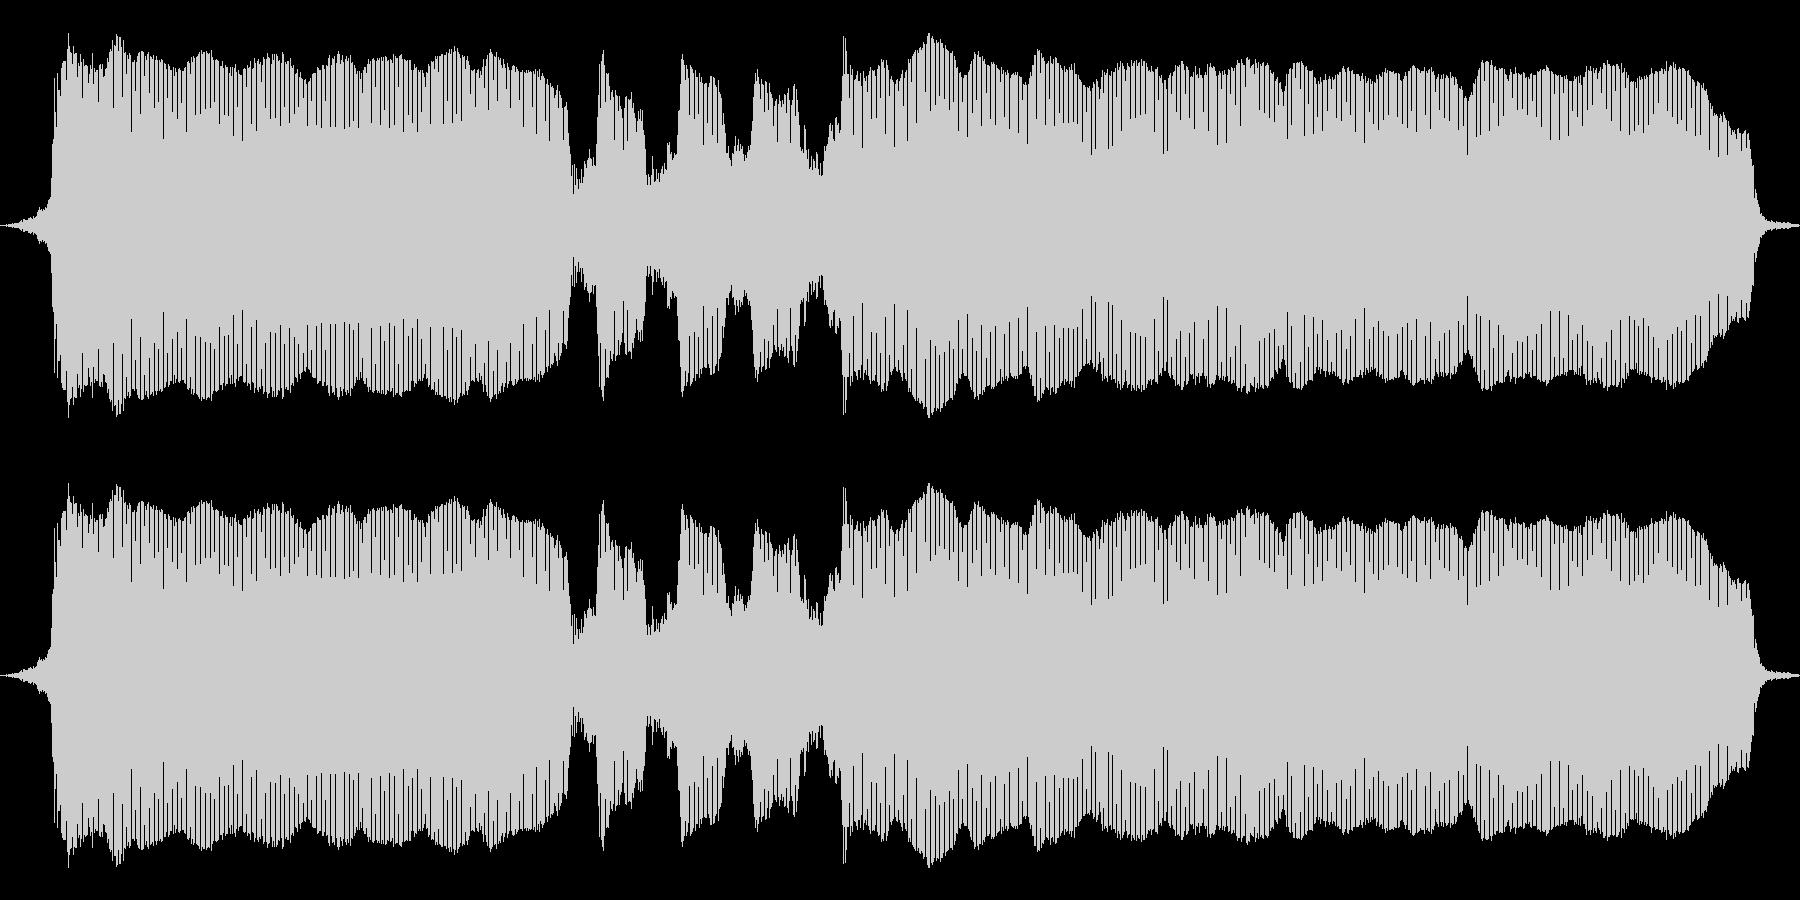 こぶし01(F#)の未再生の波形